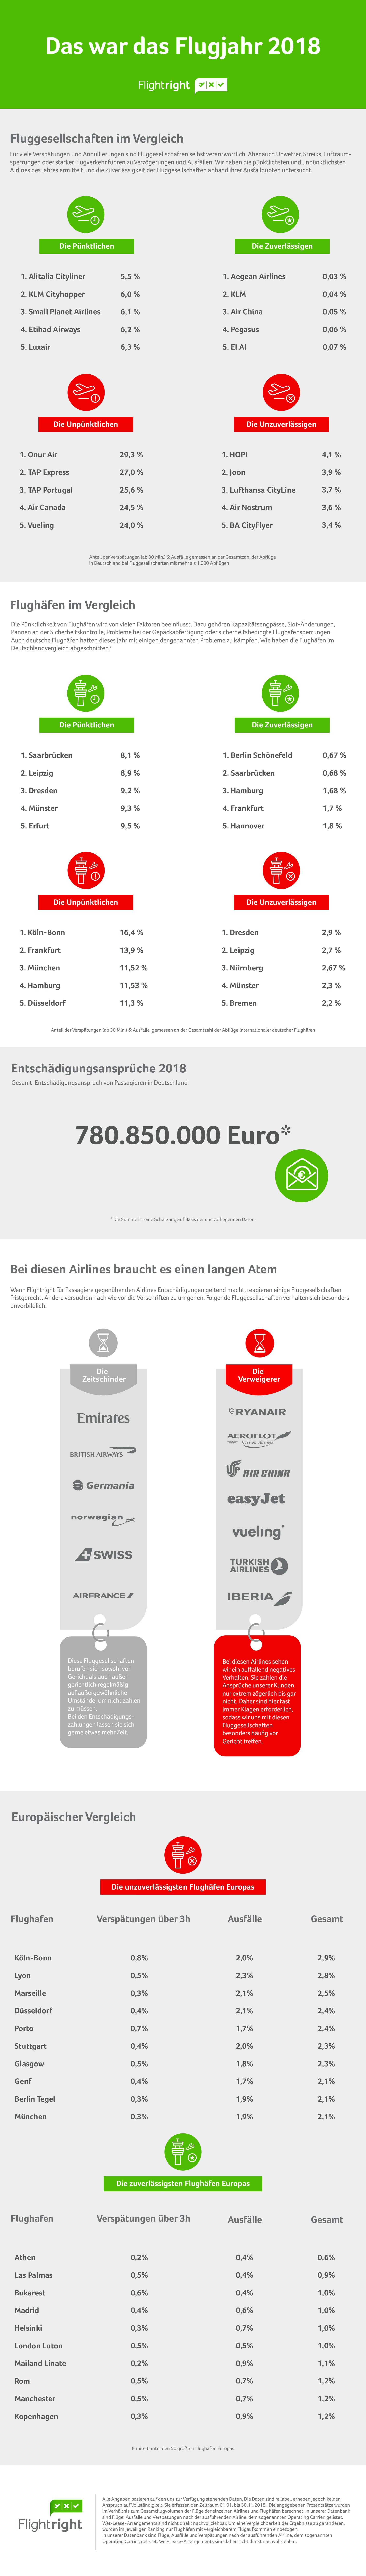 Infografik - Ein Rückblick auf das Flugjahr 2018